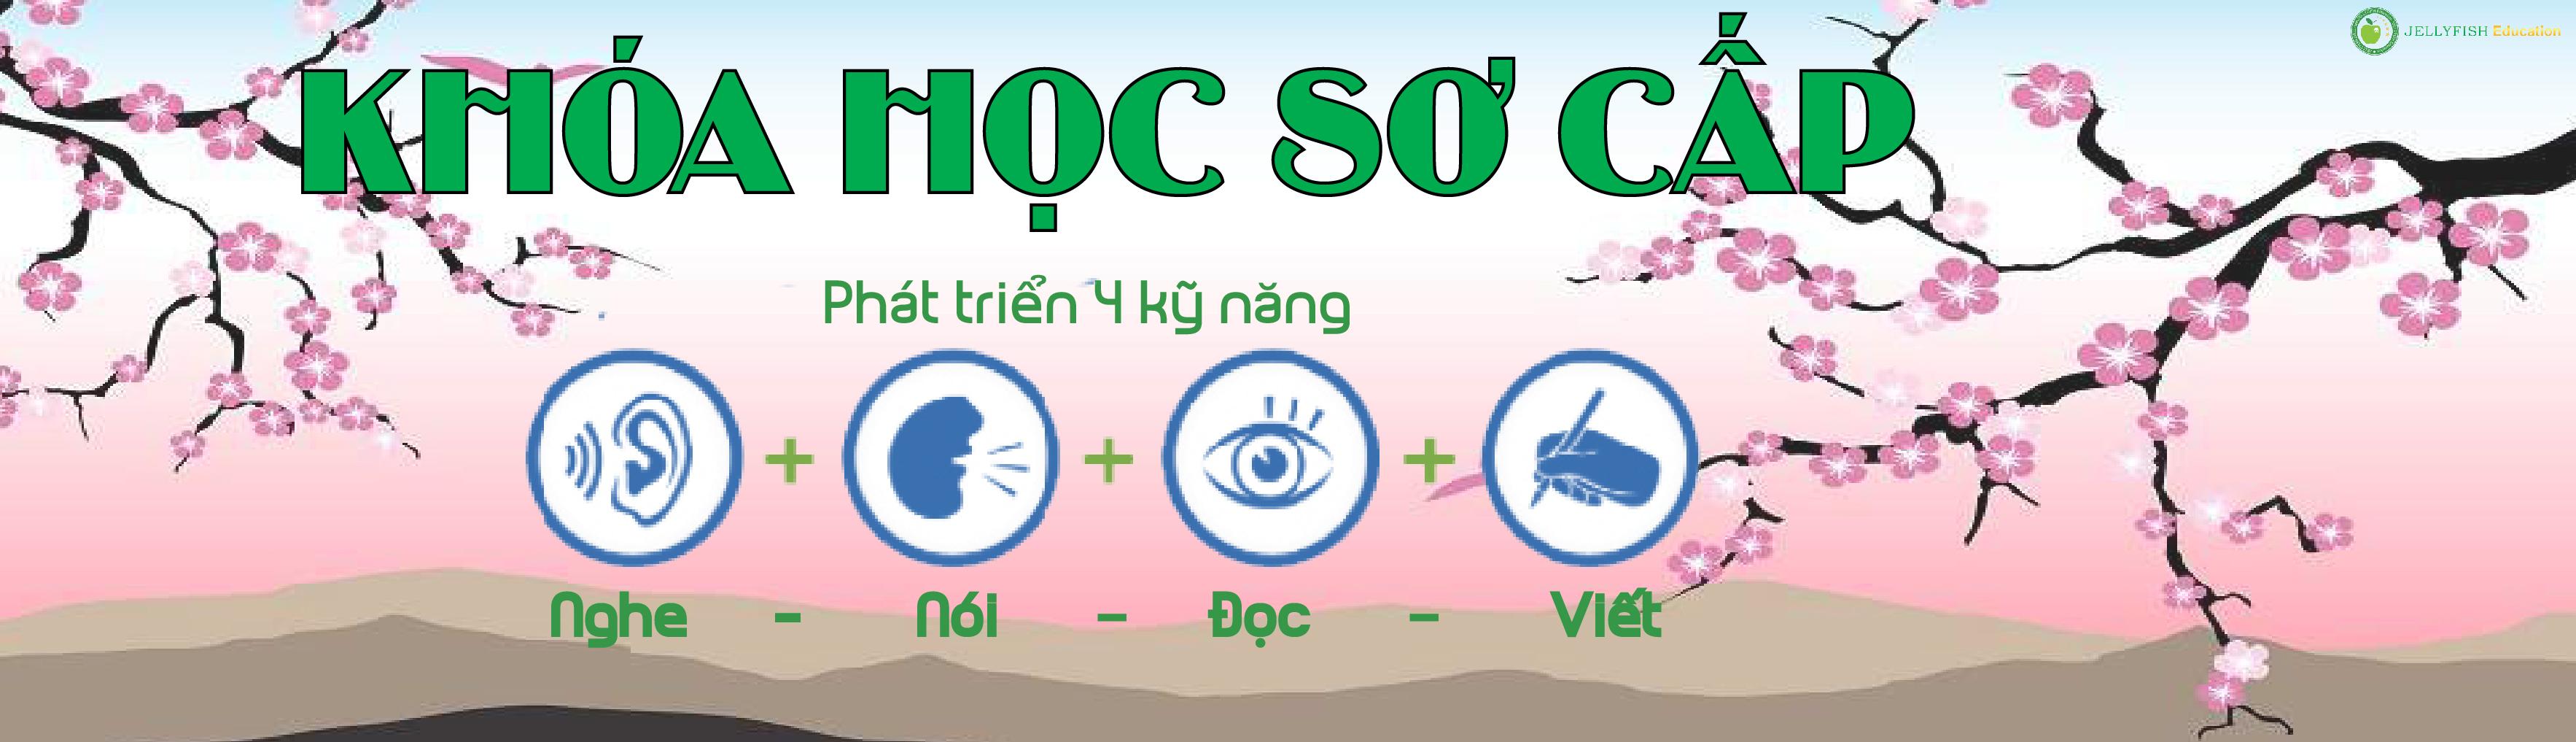 Trung tâm tiếng Nhật uy tín tại Hà Nội, Hải phòng, Huế, ĐN, HCM 2